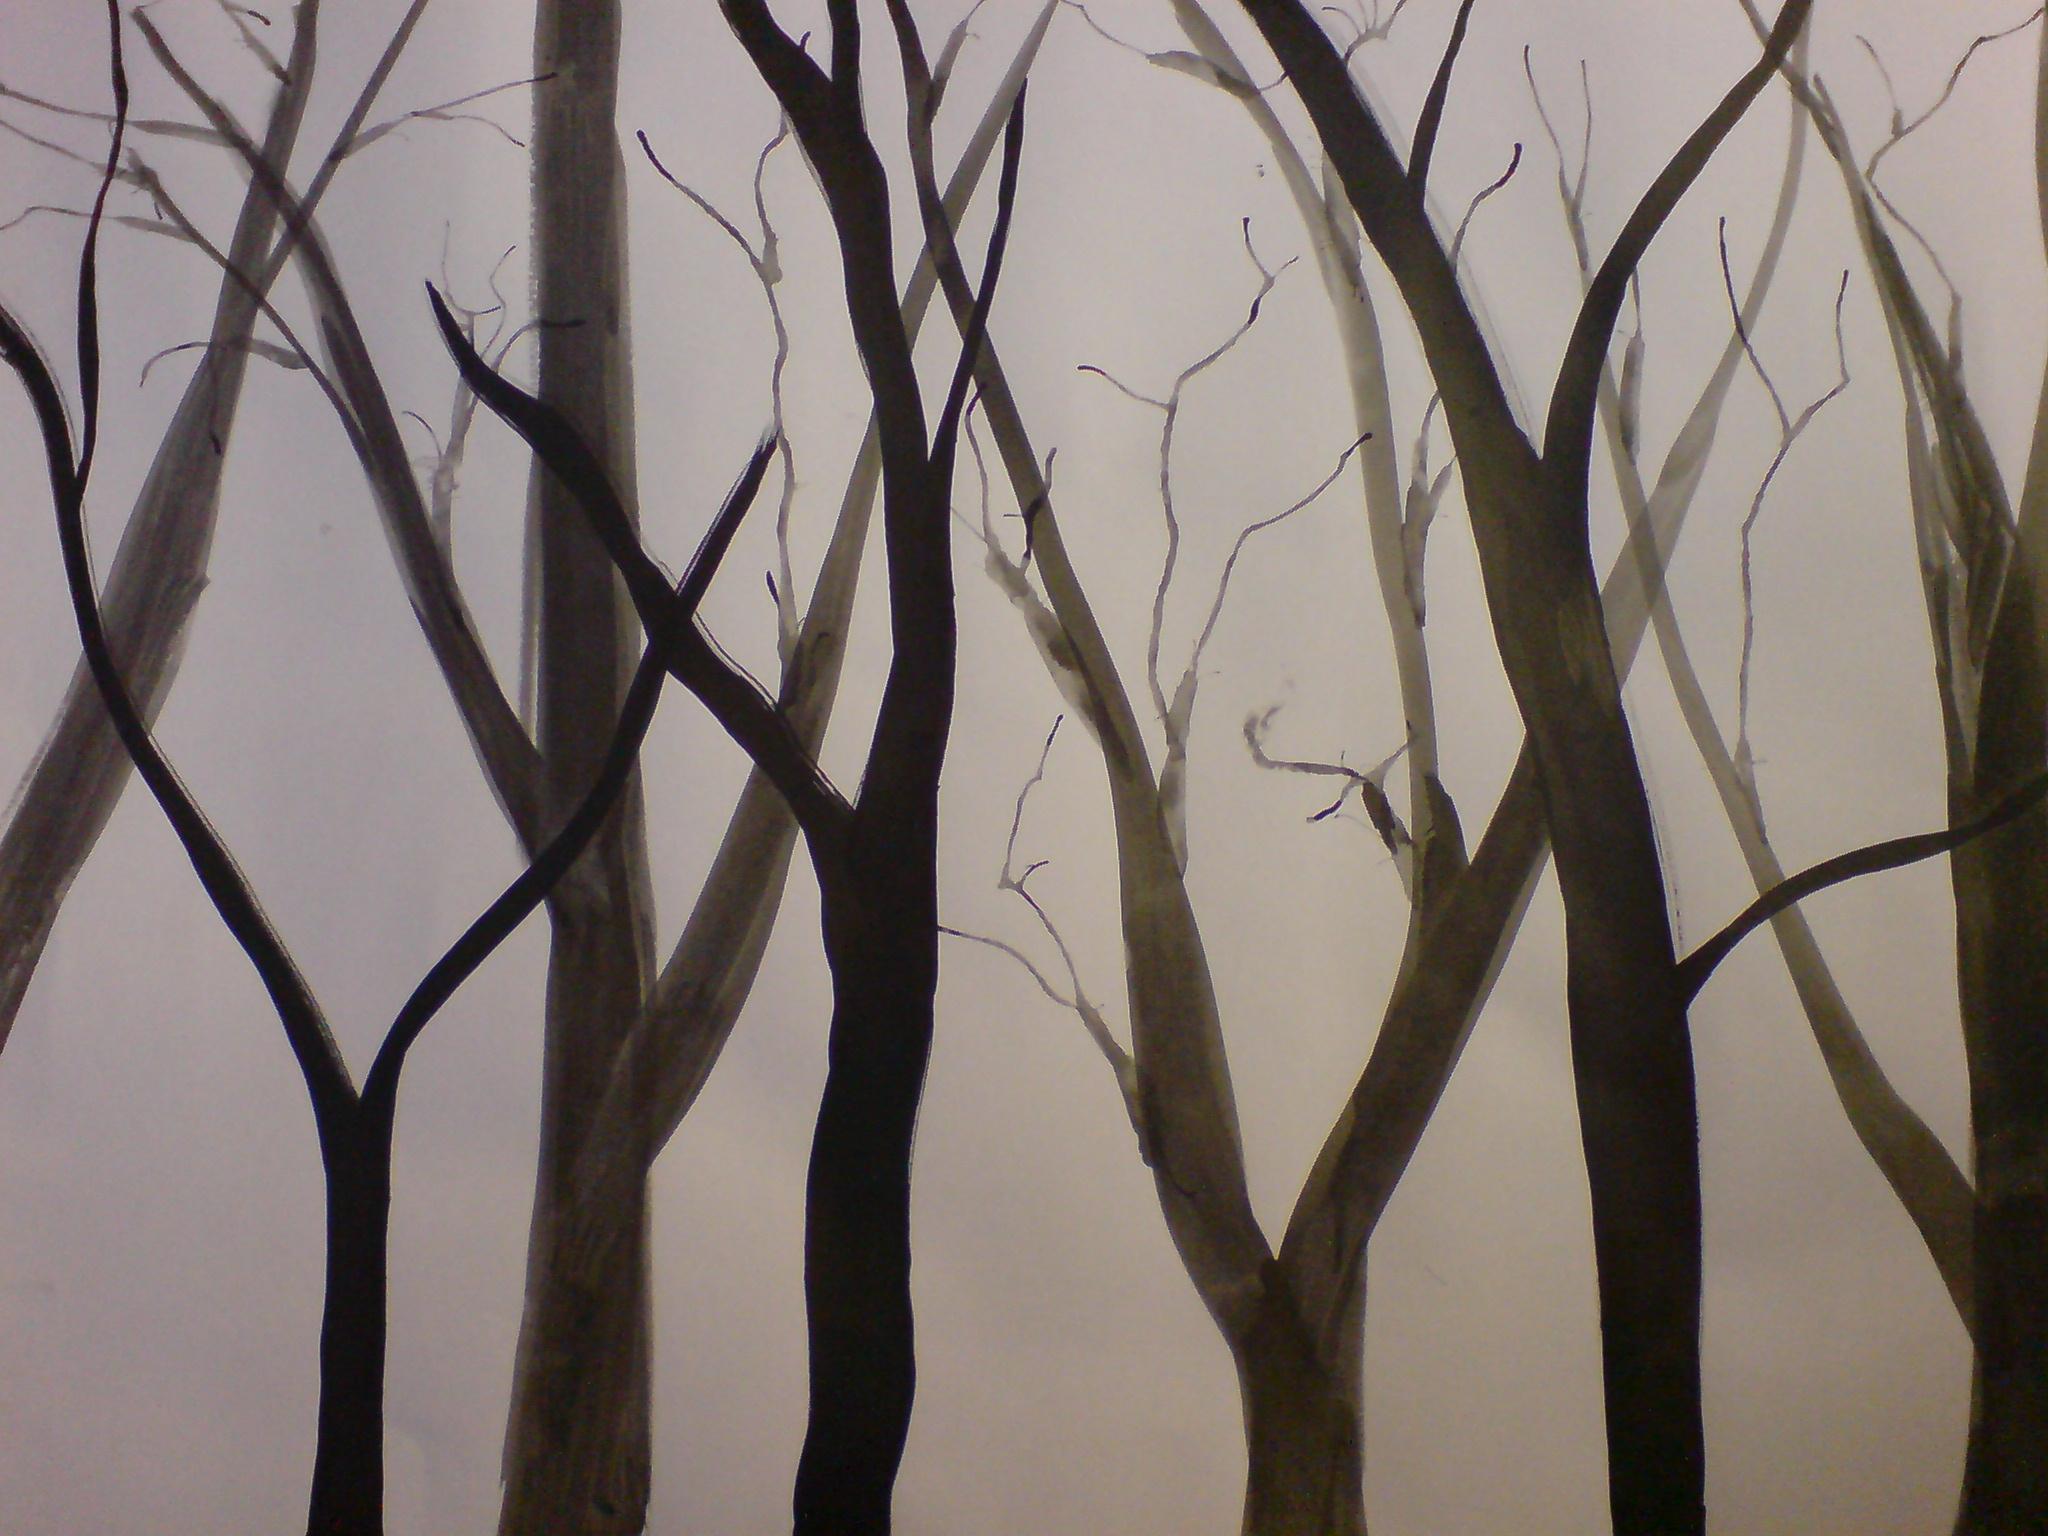 2048x1536 Tree Drawings 4 By Kiriaki